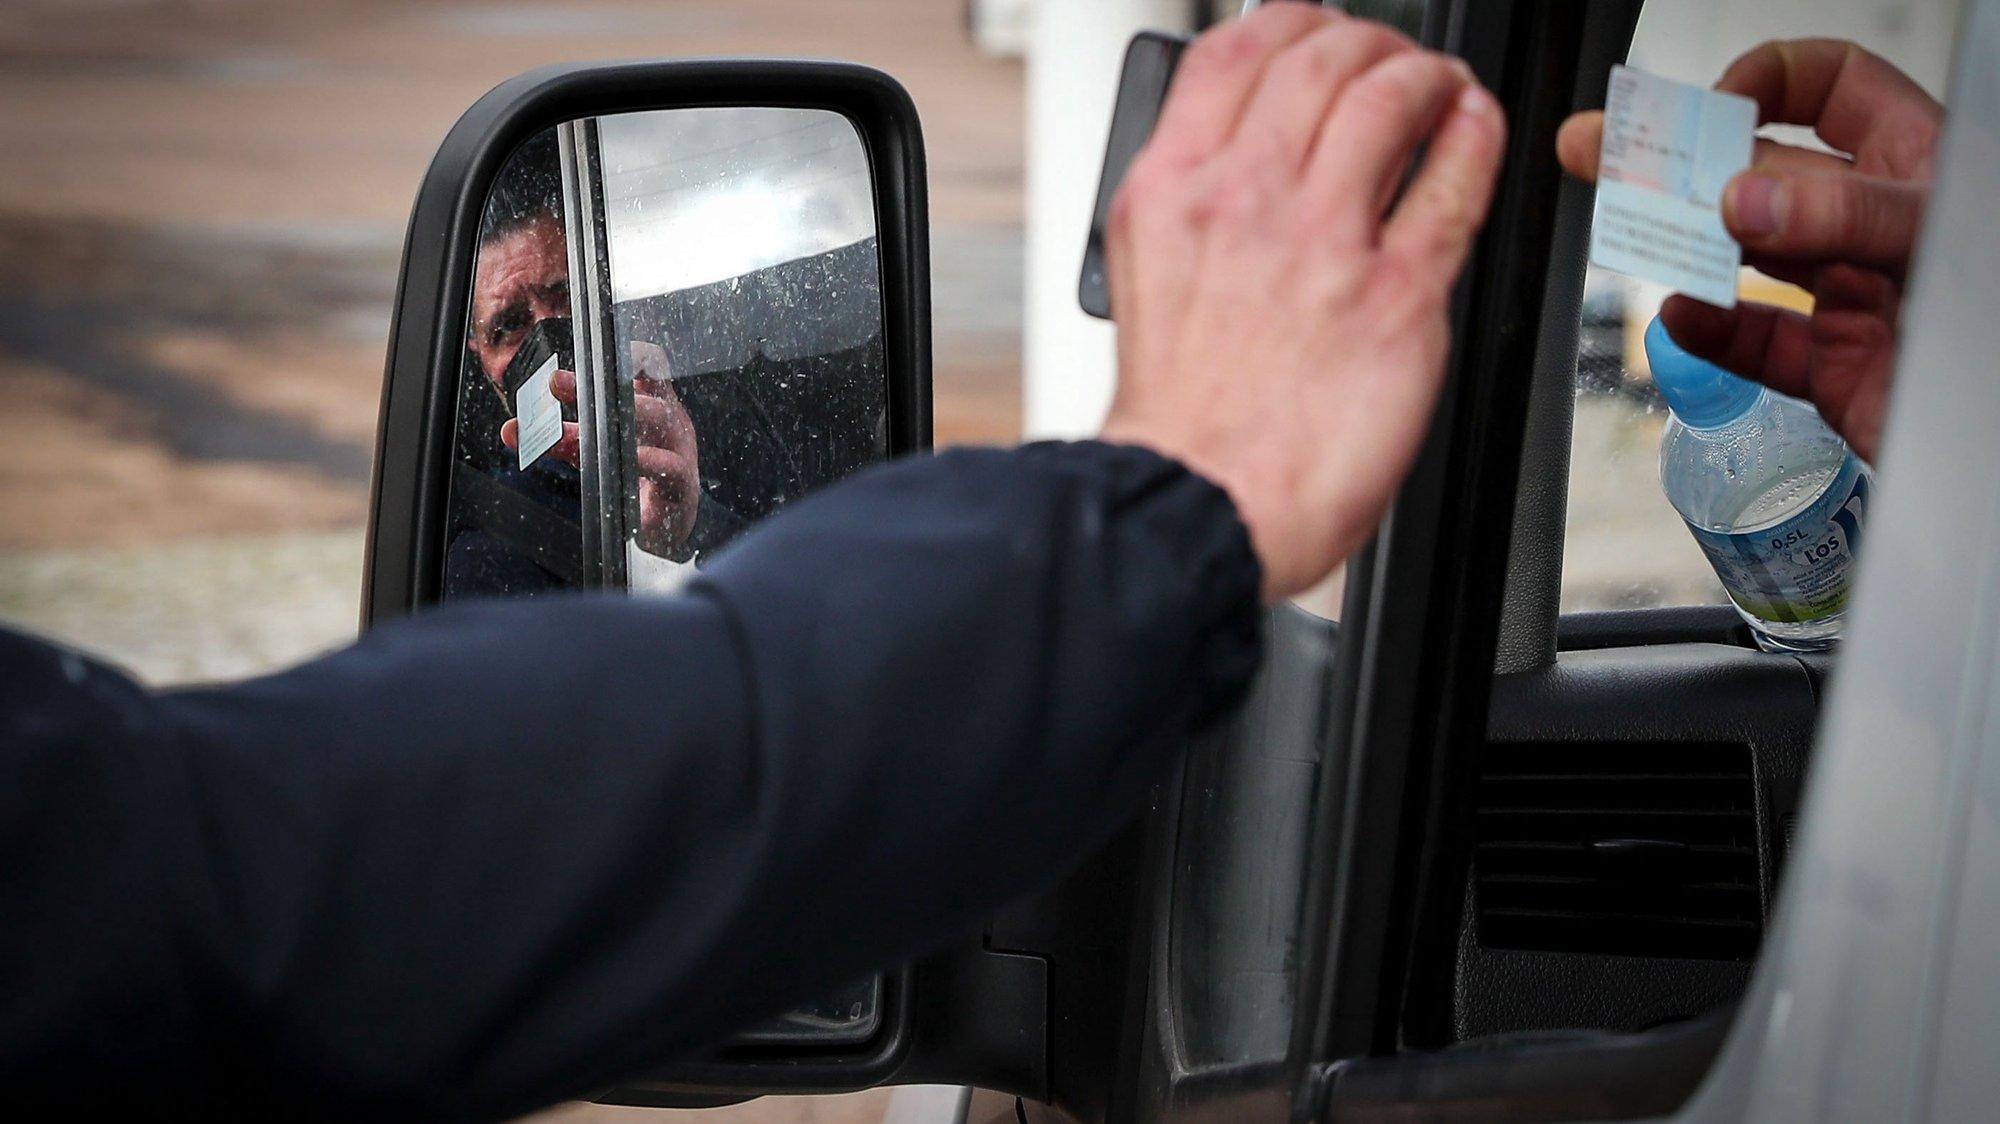 Um agente do Serviço de Estrangeiros e Fronteiras (SEF) verifica a identificação de um automobilista com uma aplicação de smartphone do SEF durante uma operação de controlo na entrada em Portugal pela fronteira do Caia, Elvas,1 de fevereiro de 2021. As fronteiras foram repostas desde as 00:00 de domingo, dia 31 de janeiro, no âmbito das medidas para conter a propagação da covid-19 no território português. NUNO VEIGA/LUSA